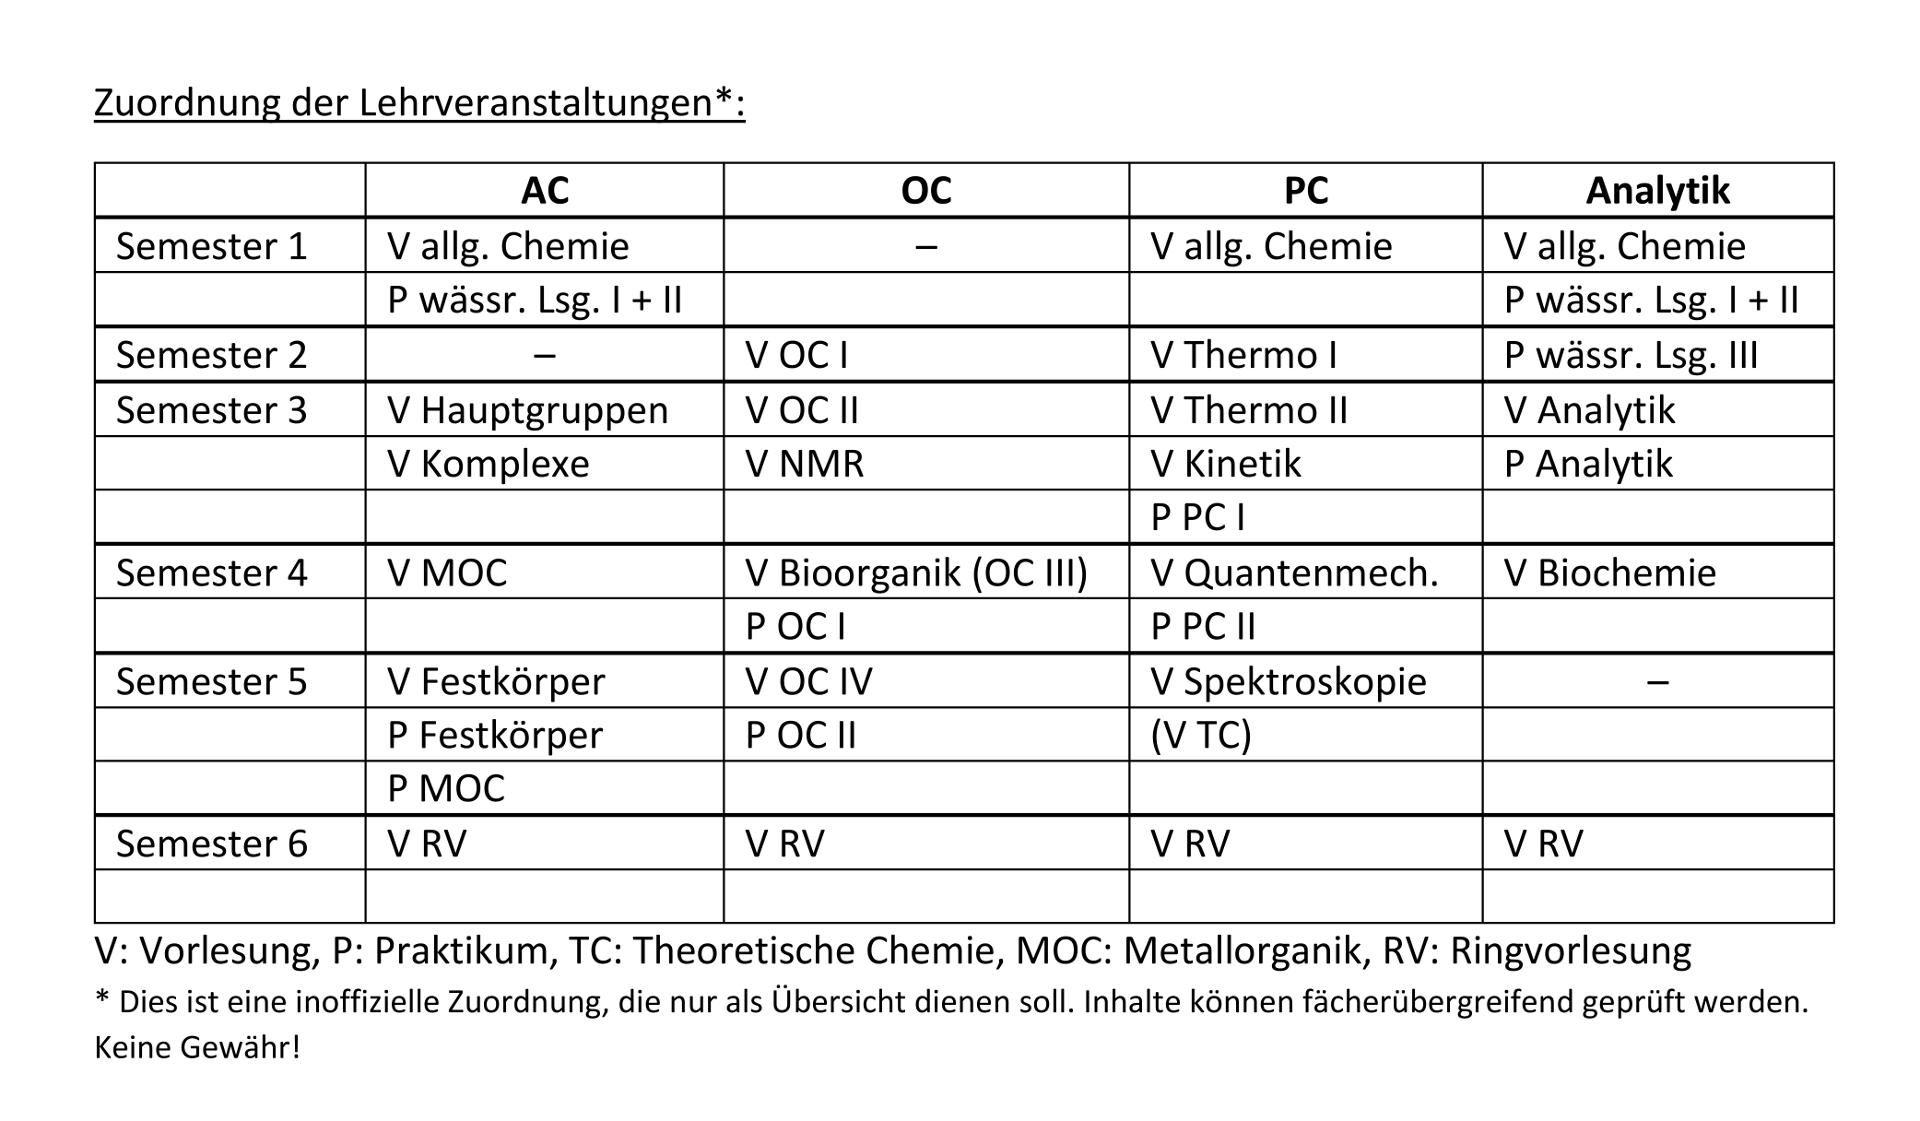 Gemütlich Lehrveranstaltungen Werden 2016 Fortgesetzt Zeitgenössisch ...